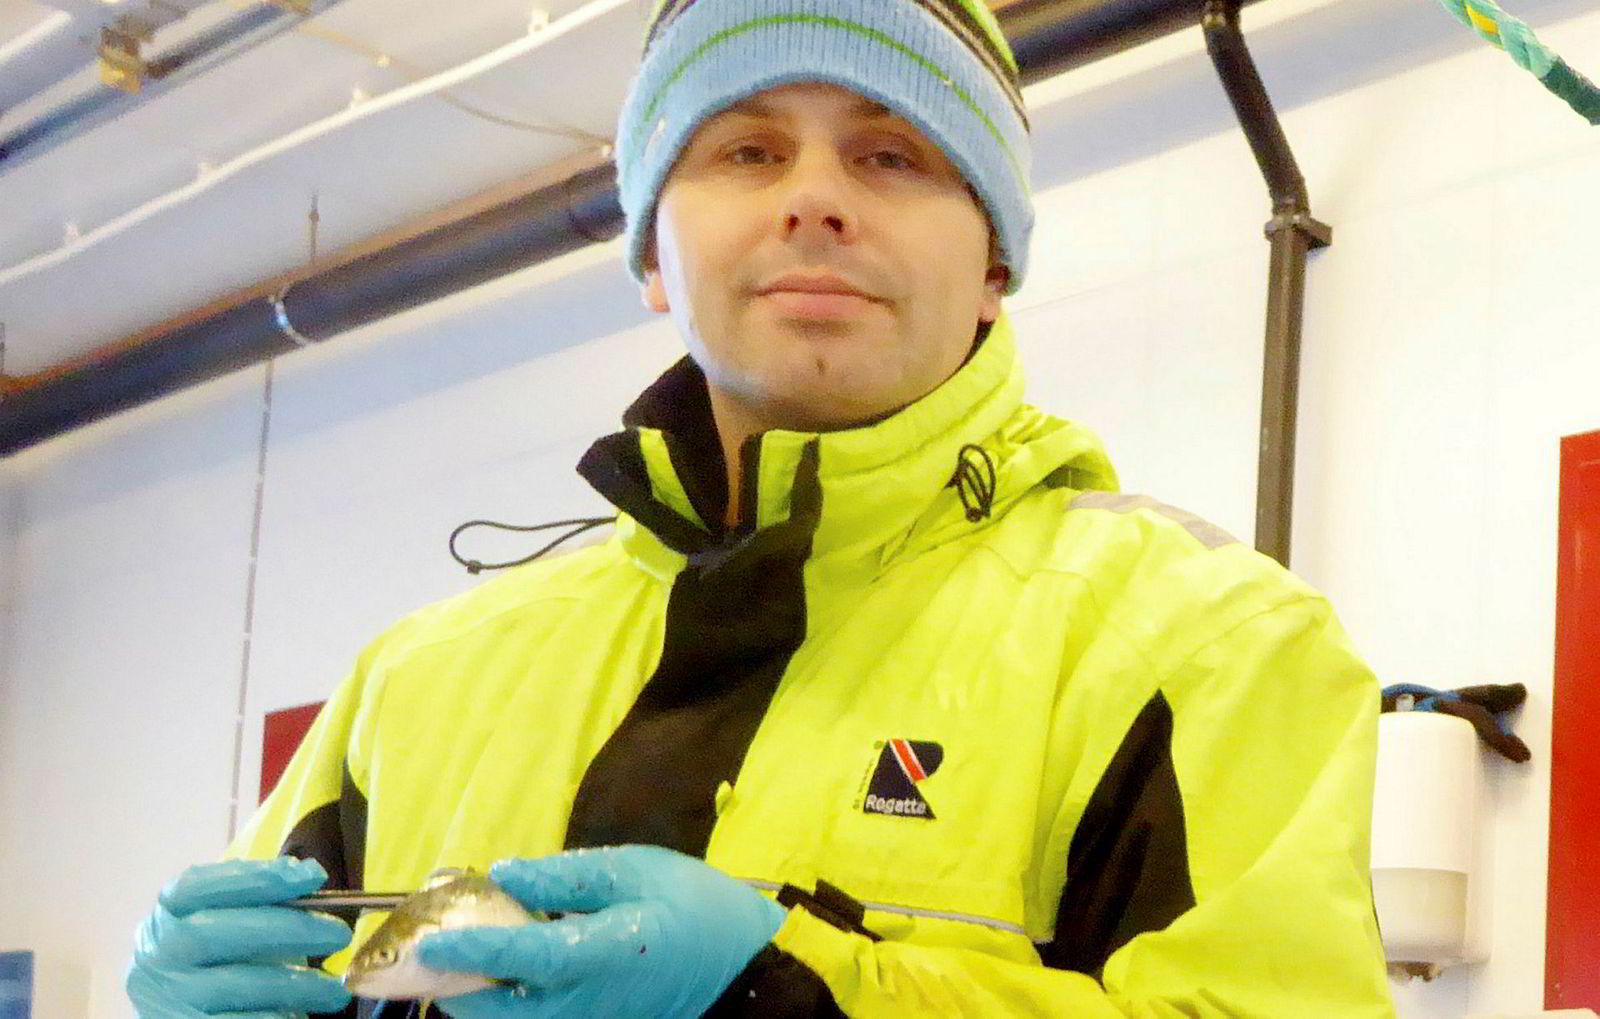 Lars Helge Stien er forsker ved Havforskningsinstituttet. Han tegner et dystert bilde av situasjonen for rensefisken.